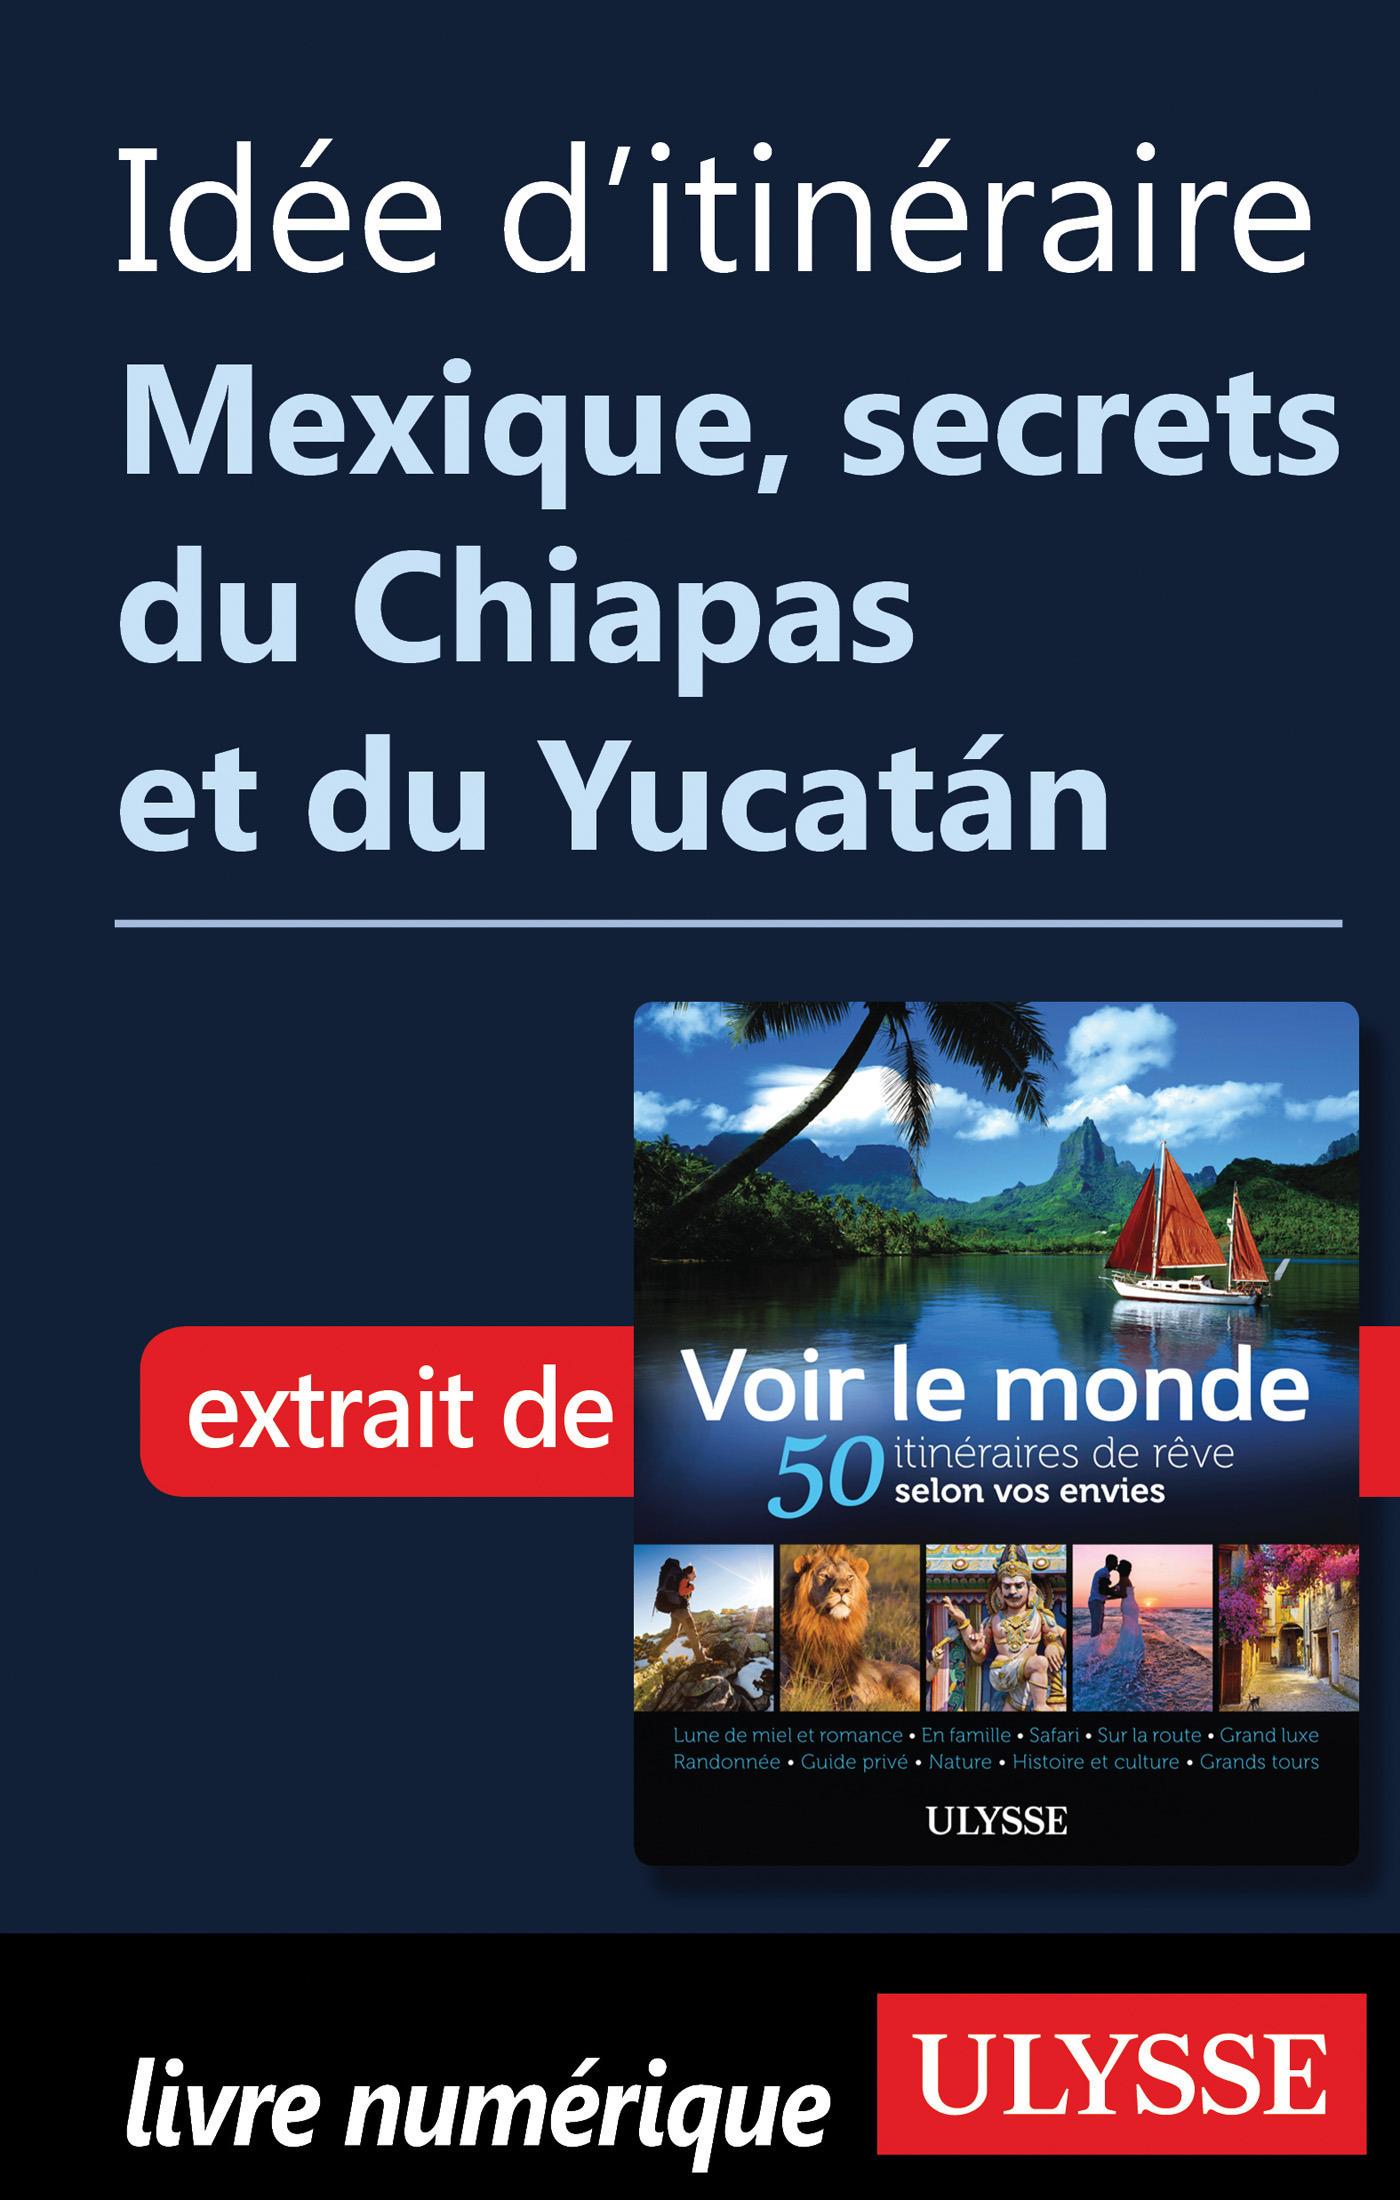 Idée d'itinéraire - Mexique secrets du Chiapas et du Yucatan